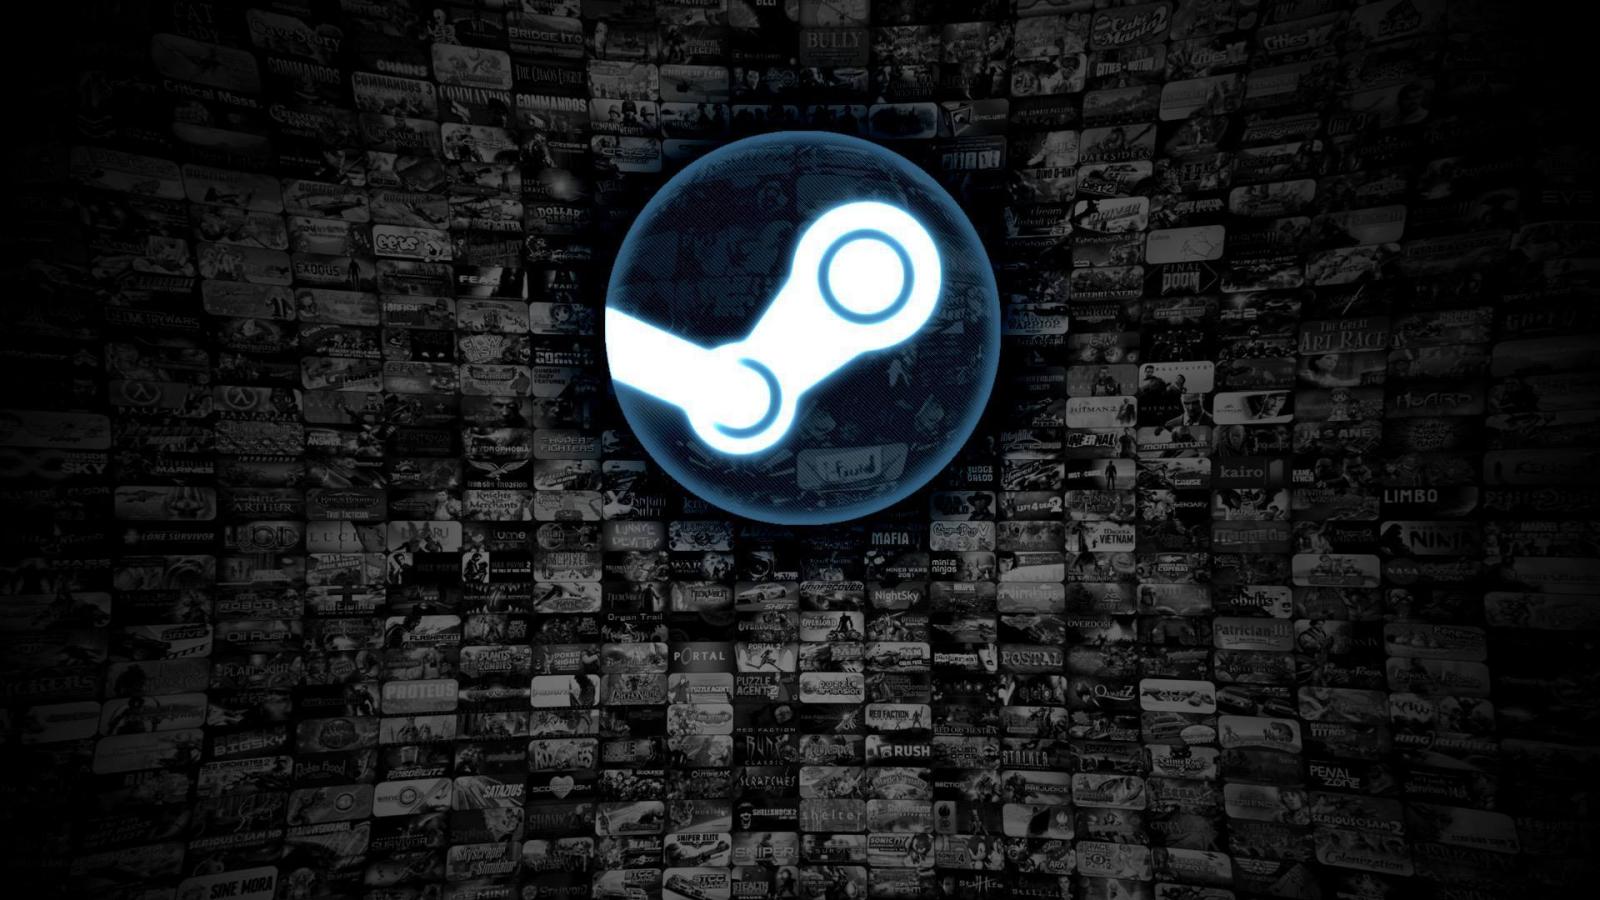 Steam rimuove i limiti di pubblicazione, verranno accolti quasi tutti i giochi thumbnail